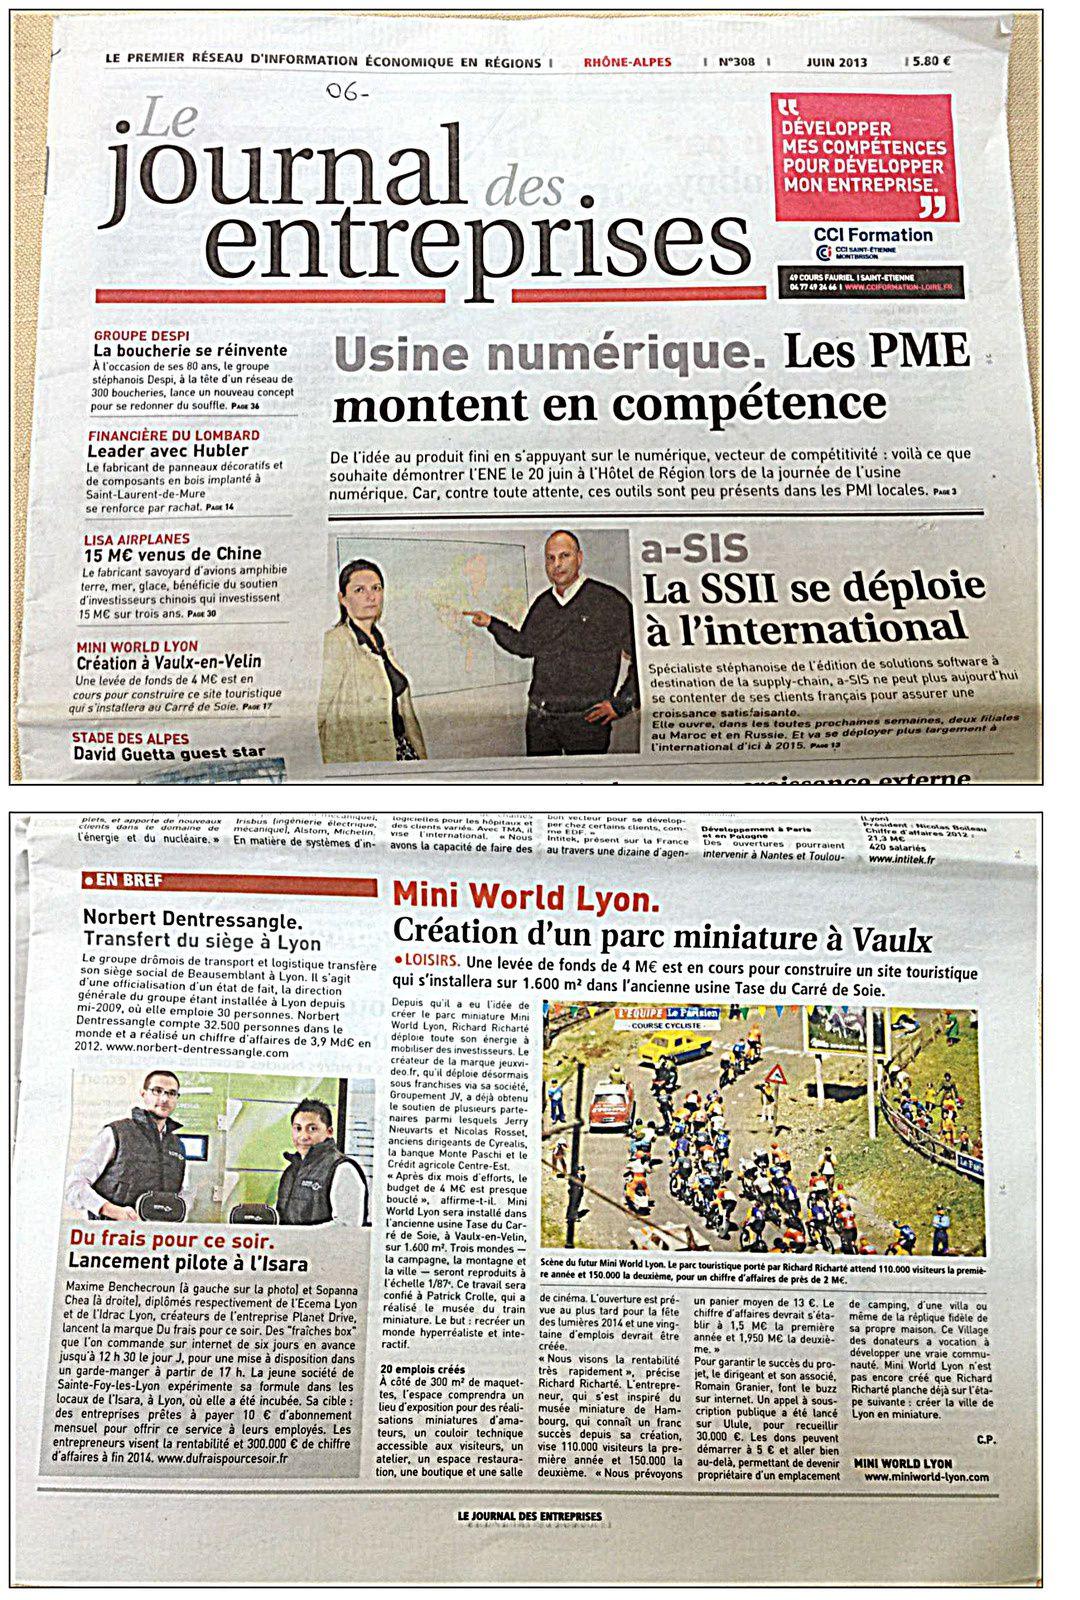 Le Journal Des Entreprises - Juin 2013 - Une et Article